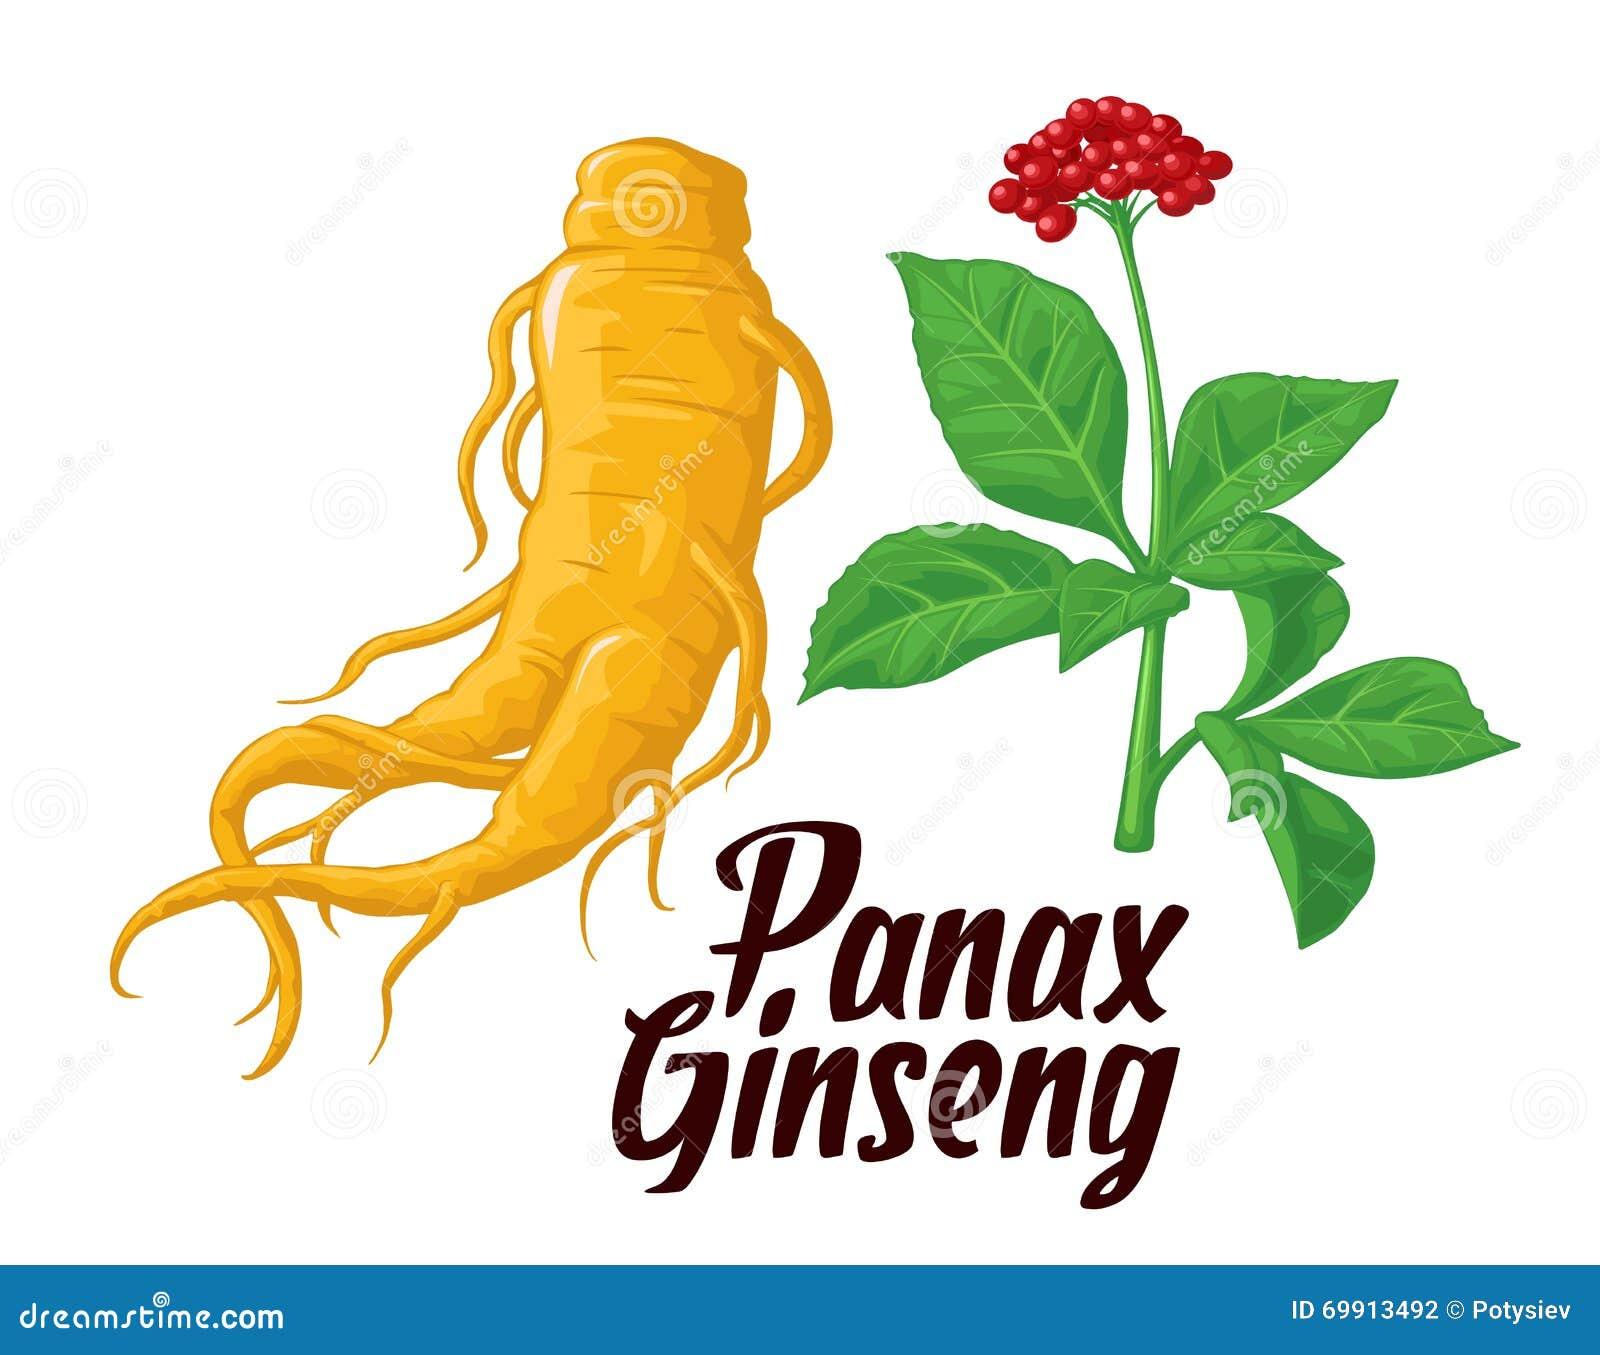 Rota och lämnar panax ginseng Färgrik plan illustration för vektor av medicinalväxter Biologiska tillsatser är Sund livsstil